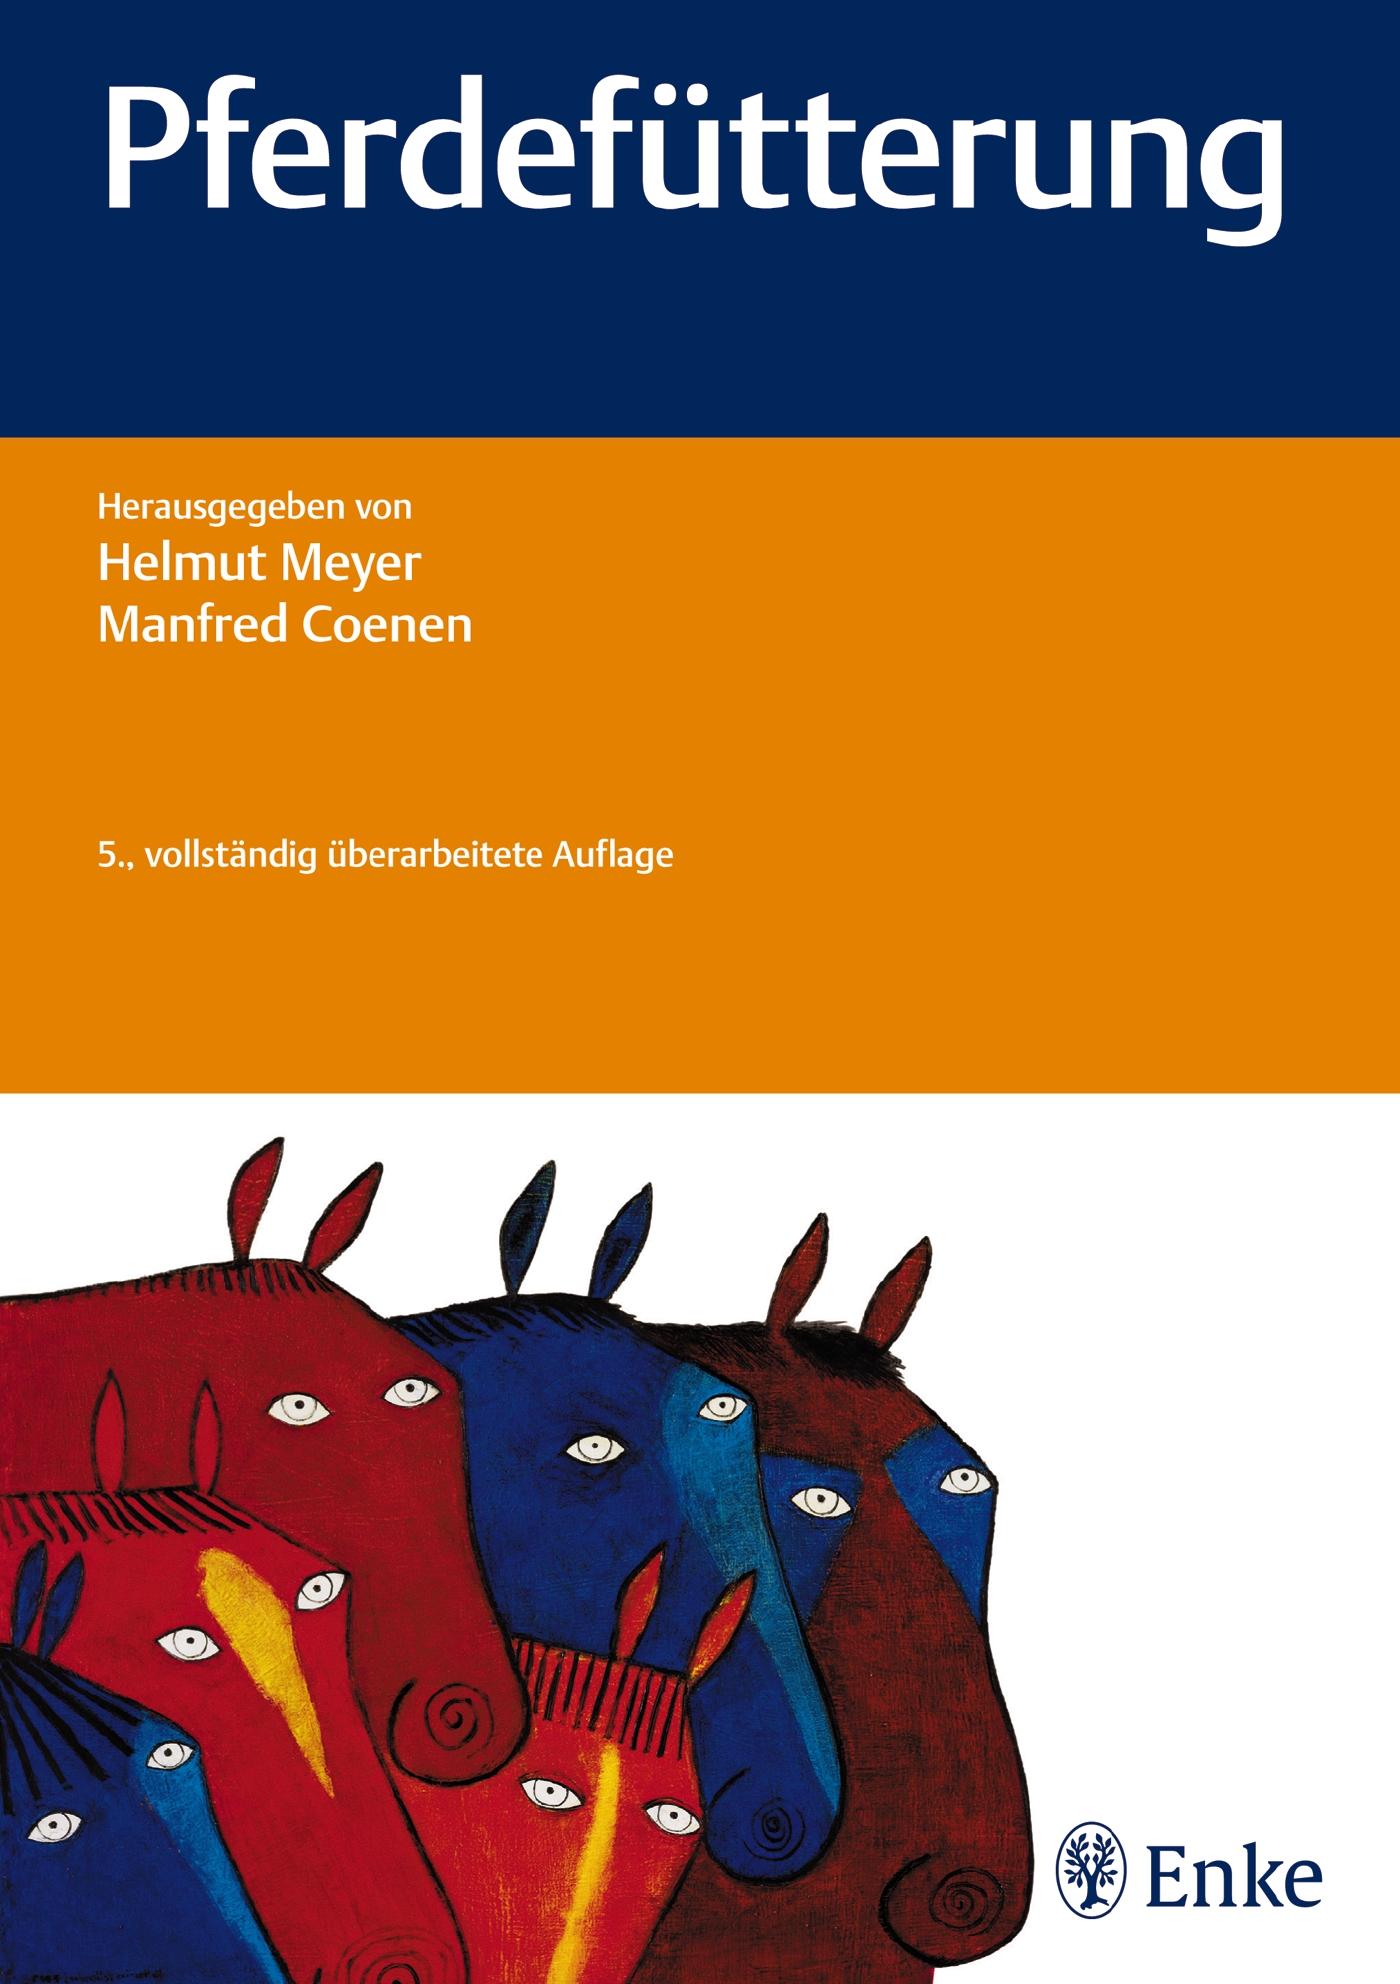 Pferdefütterung - Helmut Meyer [5. Auflage 2014]